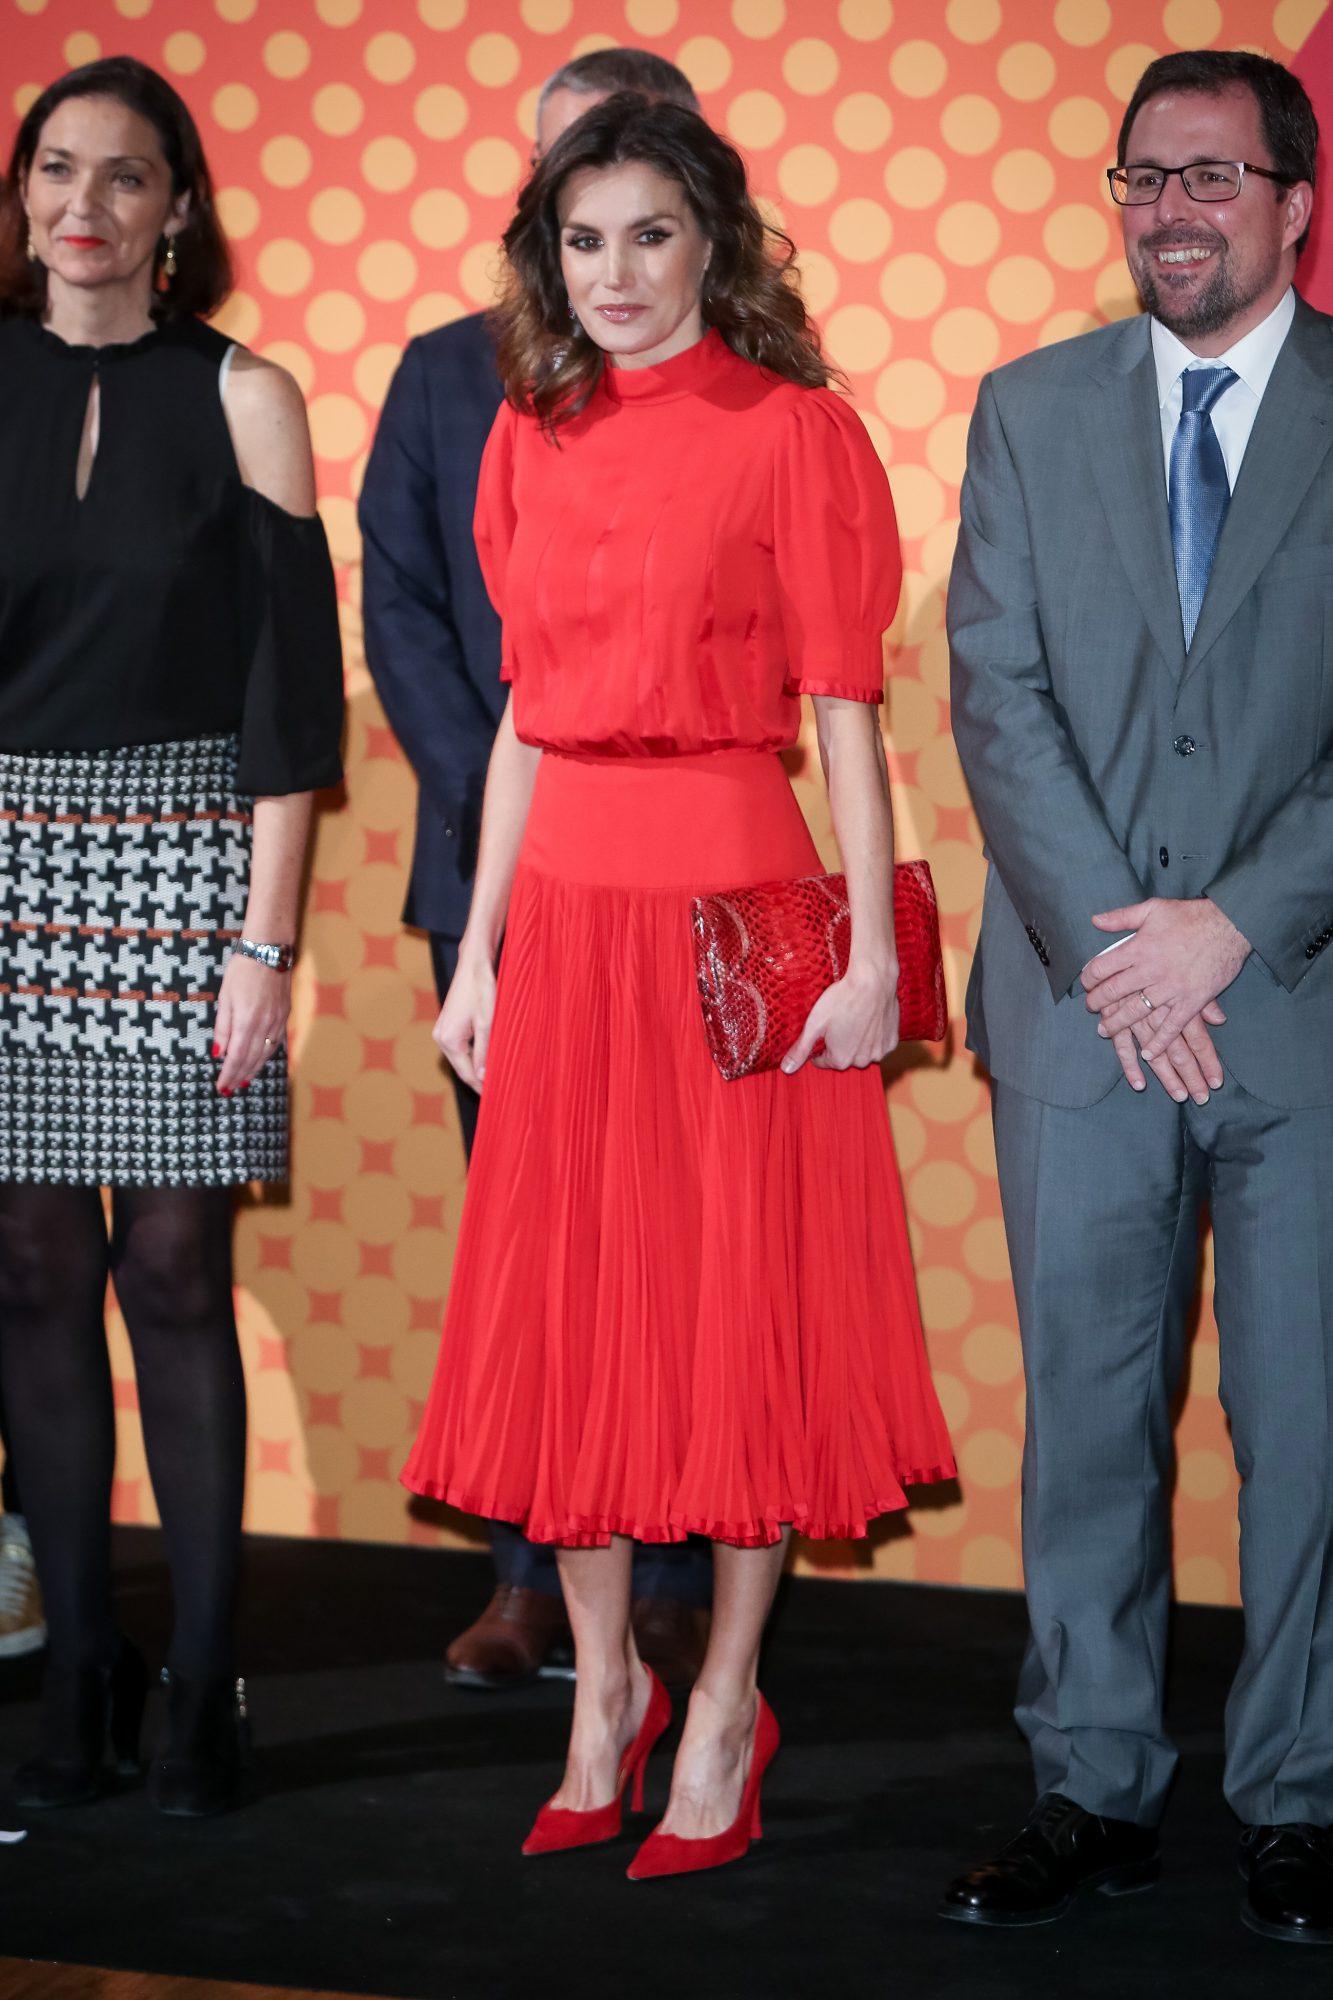 reina Letizia, realeza, Letizia, estilo, vestido rojo